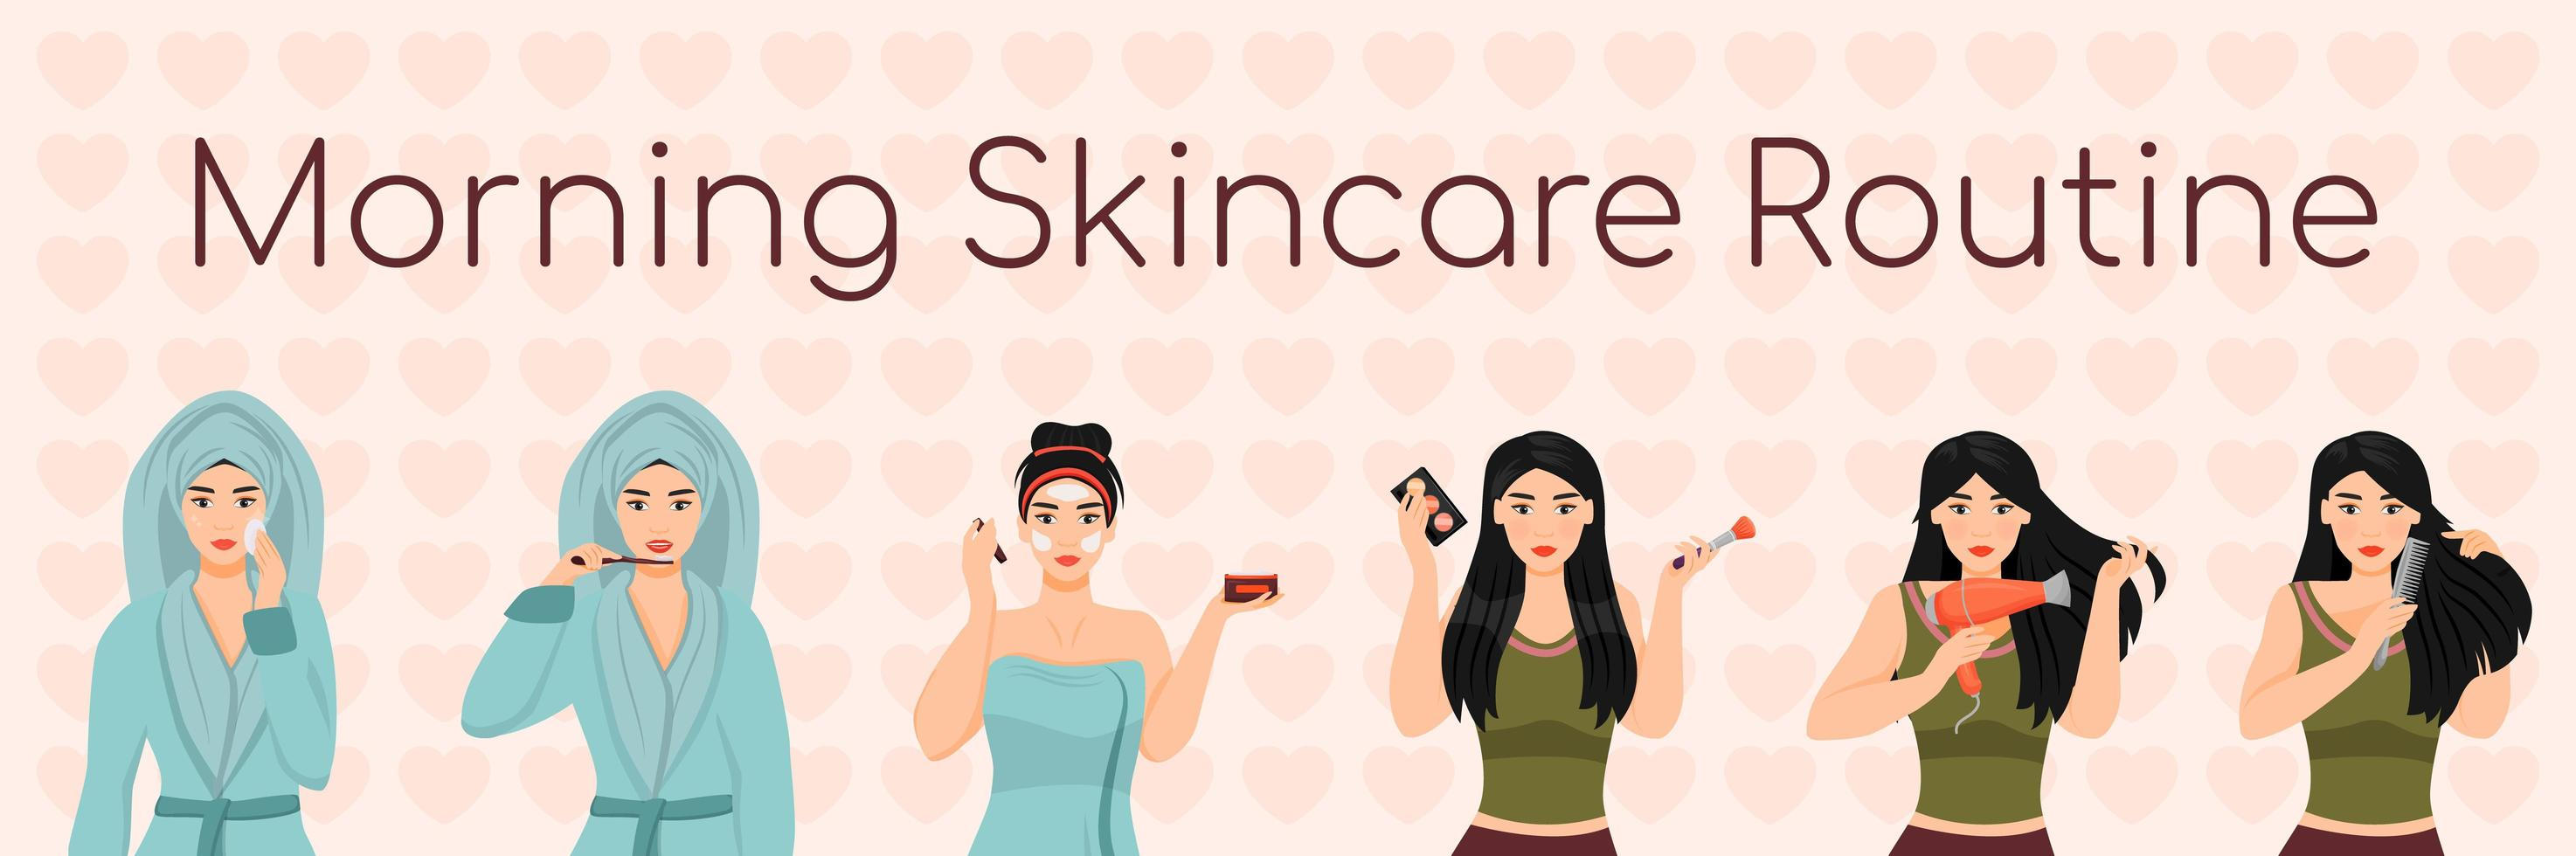 vrouw ochtend huidverzorgingsroutine vector